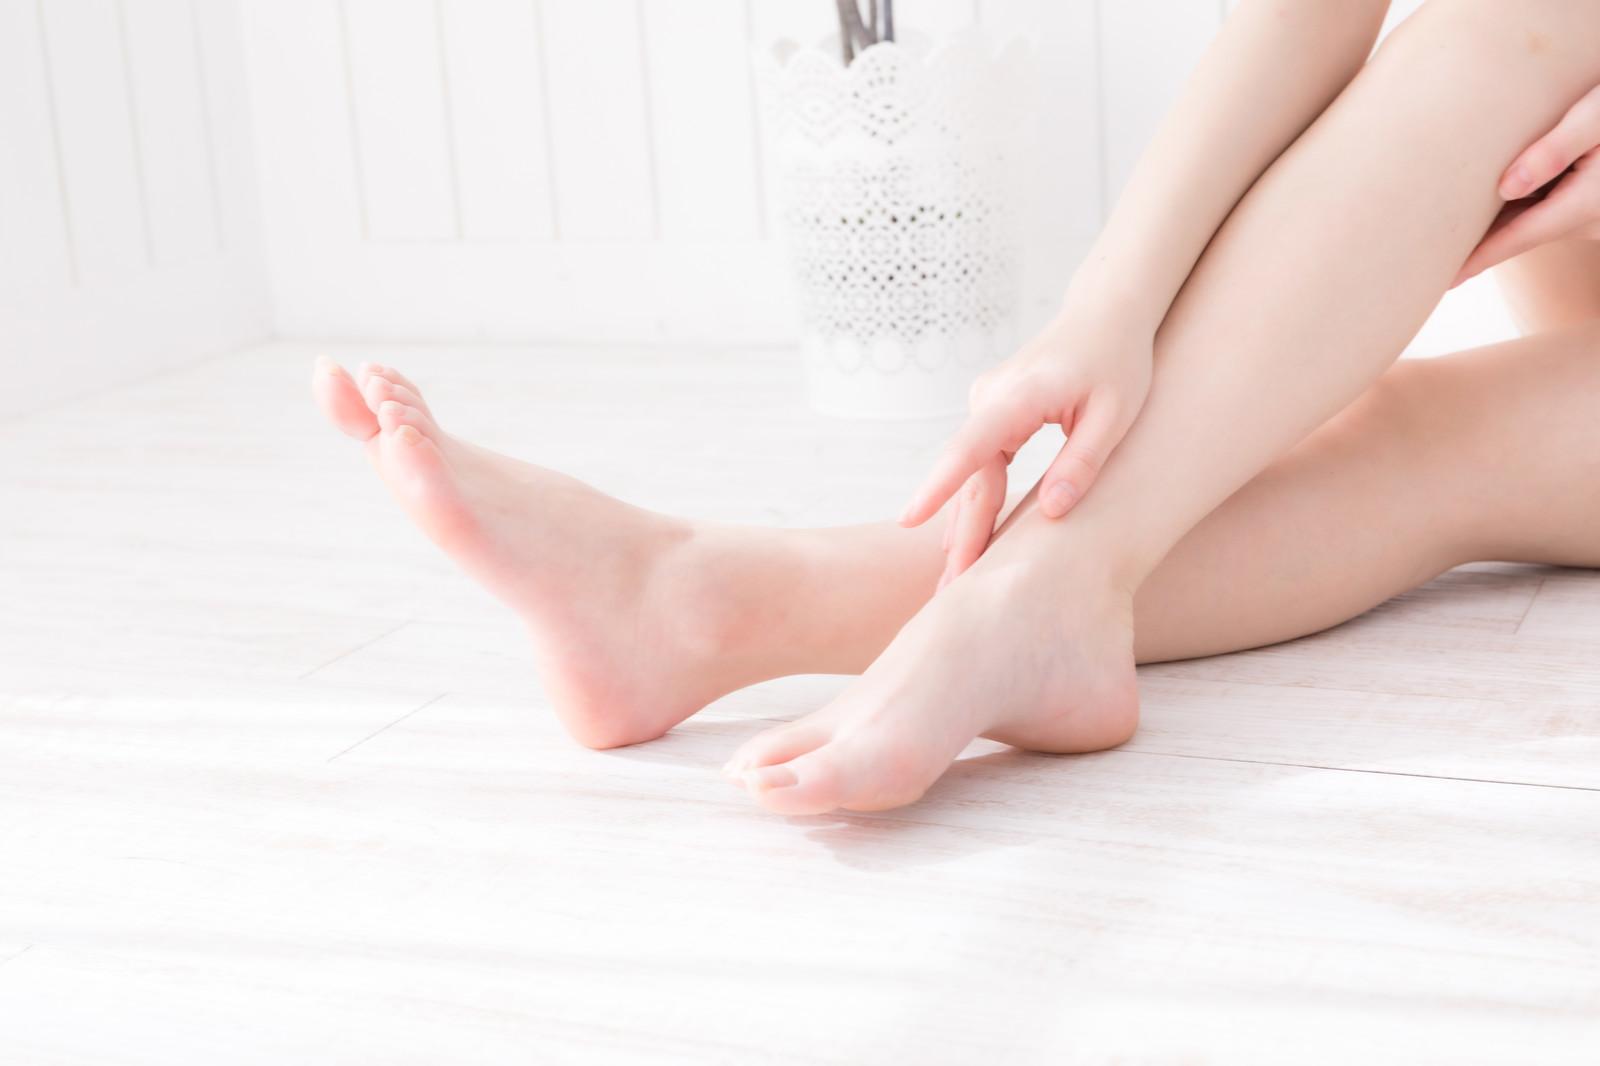 認知症予防に必須の睡眠を妨げるむずむず脚症候群